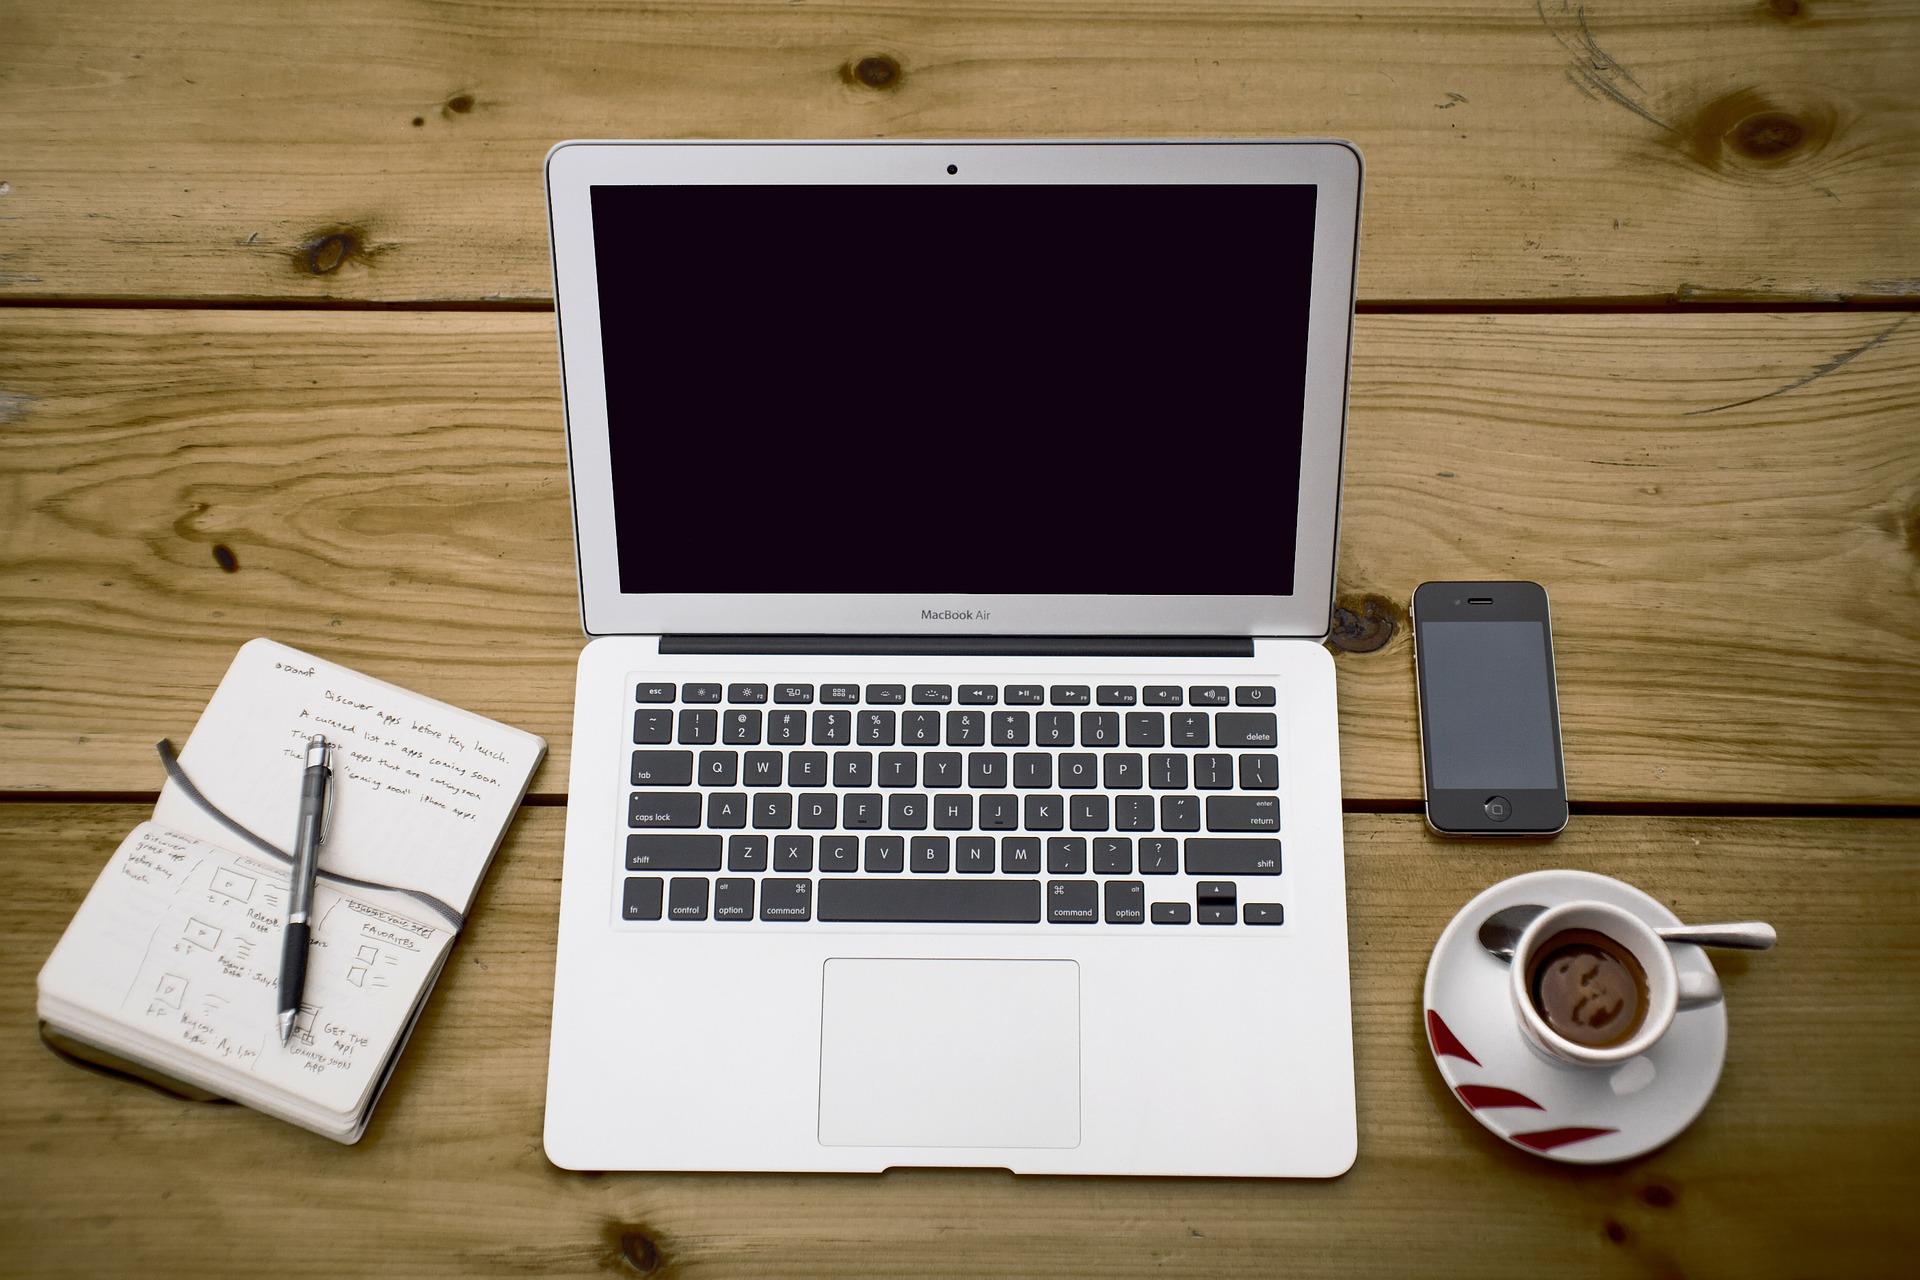 お礼メールへの返信の書き方まとめ!ビジネスや就活で役立つ例文も紹介